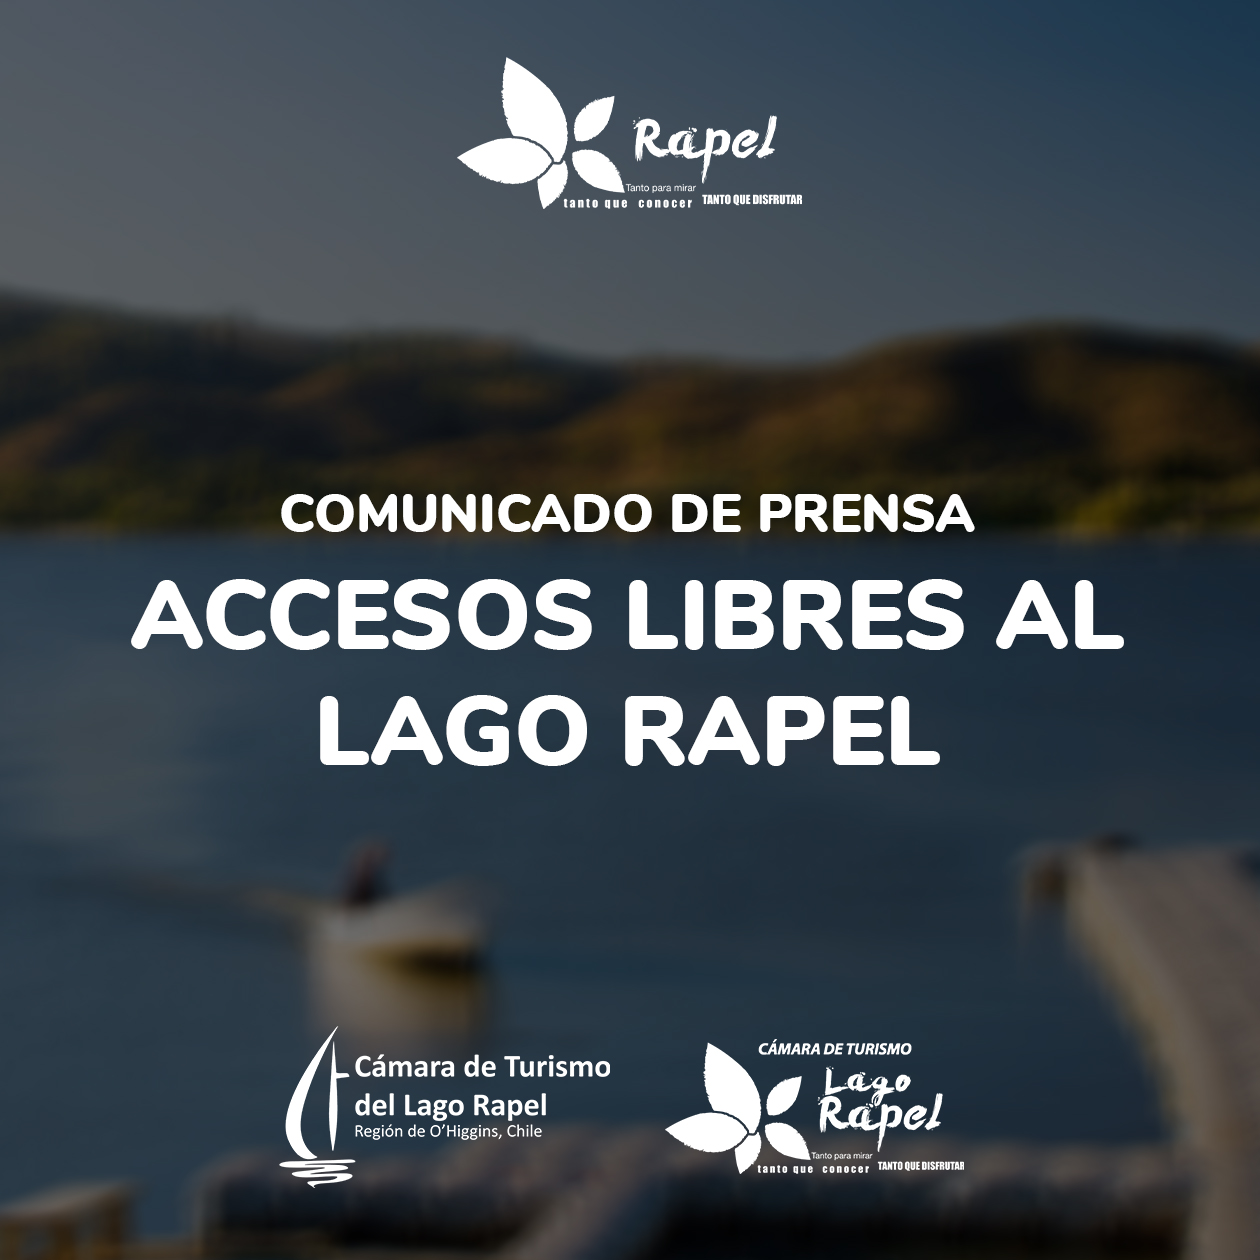 Fotografía de Comunicado Accesos Libres al Lago Rapel